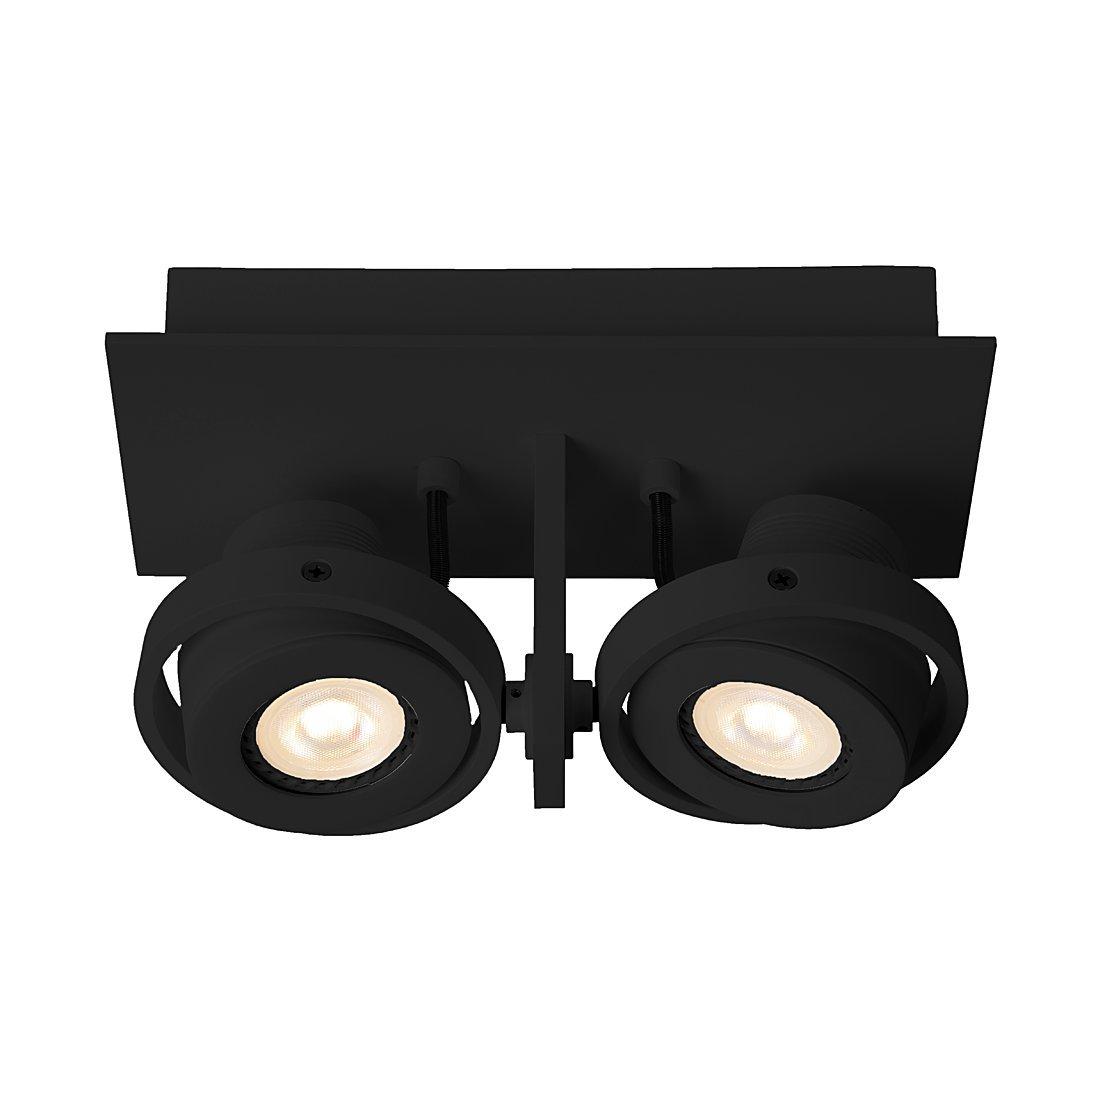 Zuiver 5500612 Luci-2 LED, Stahl, schwarz